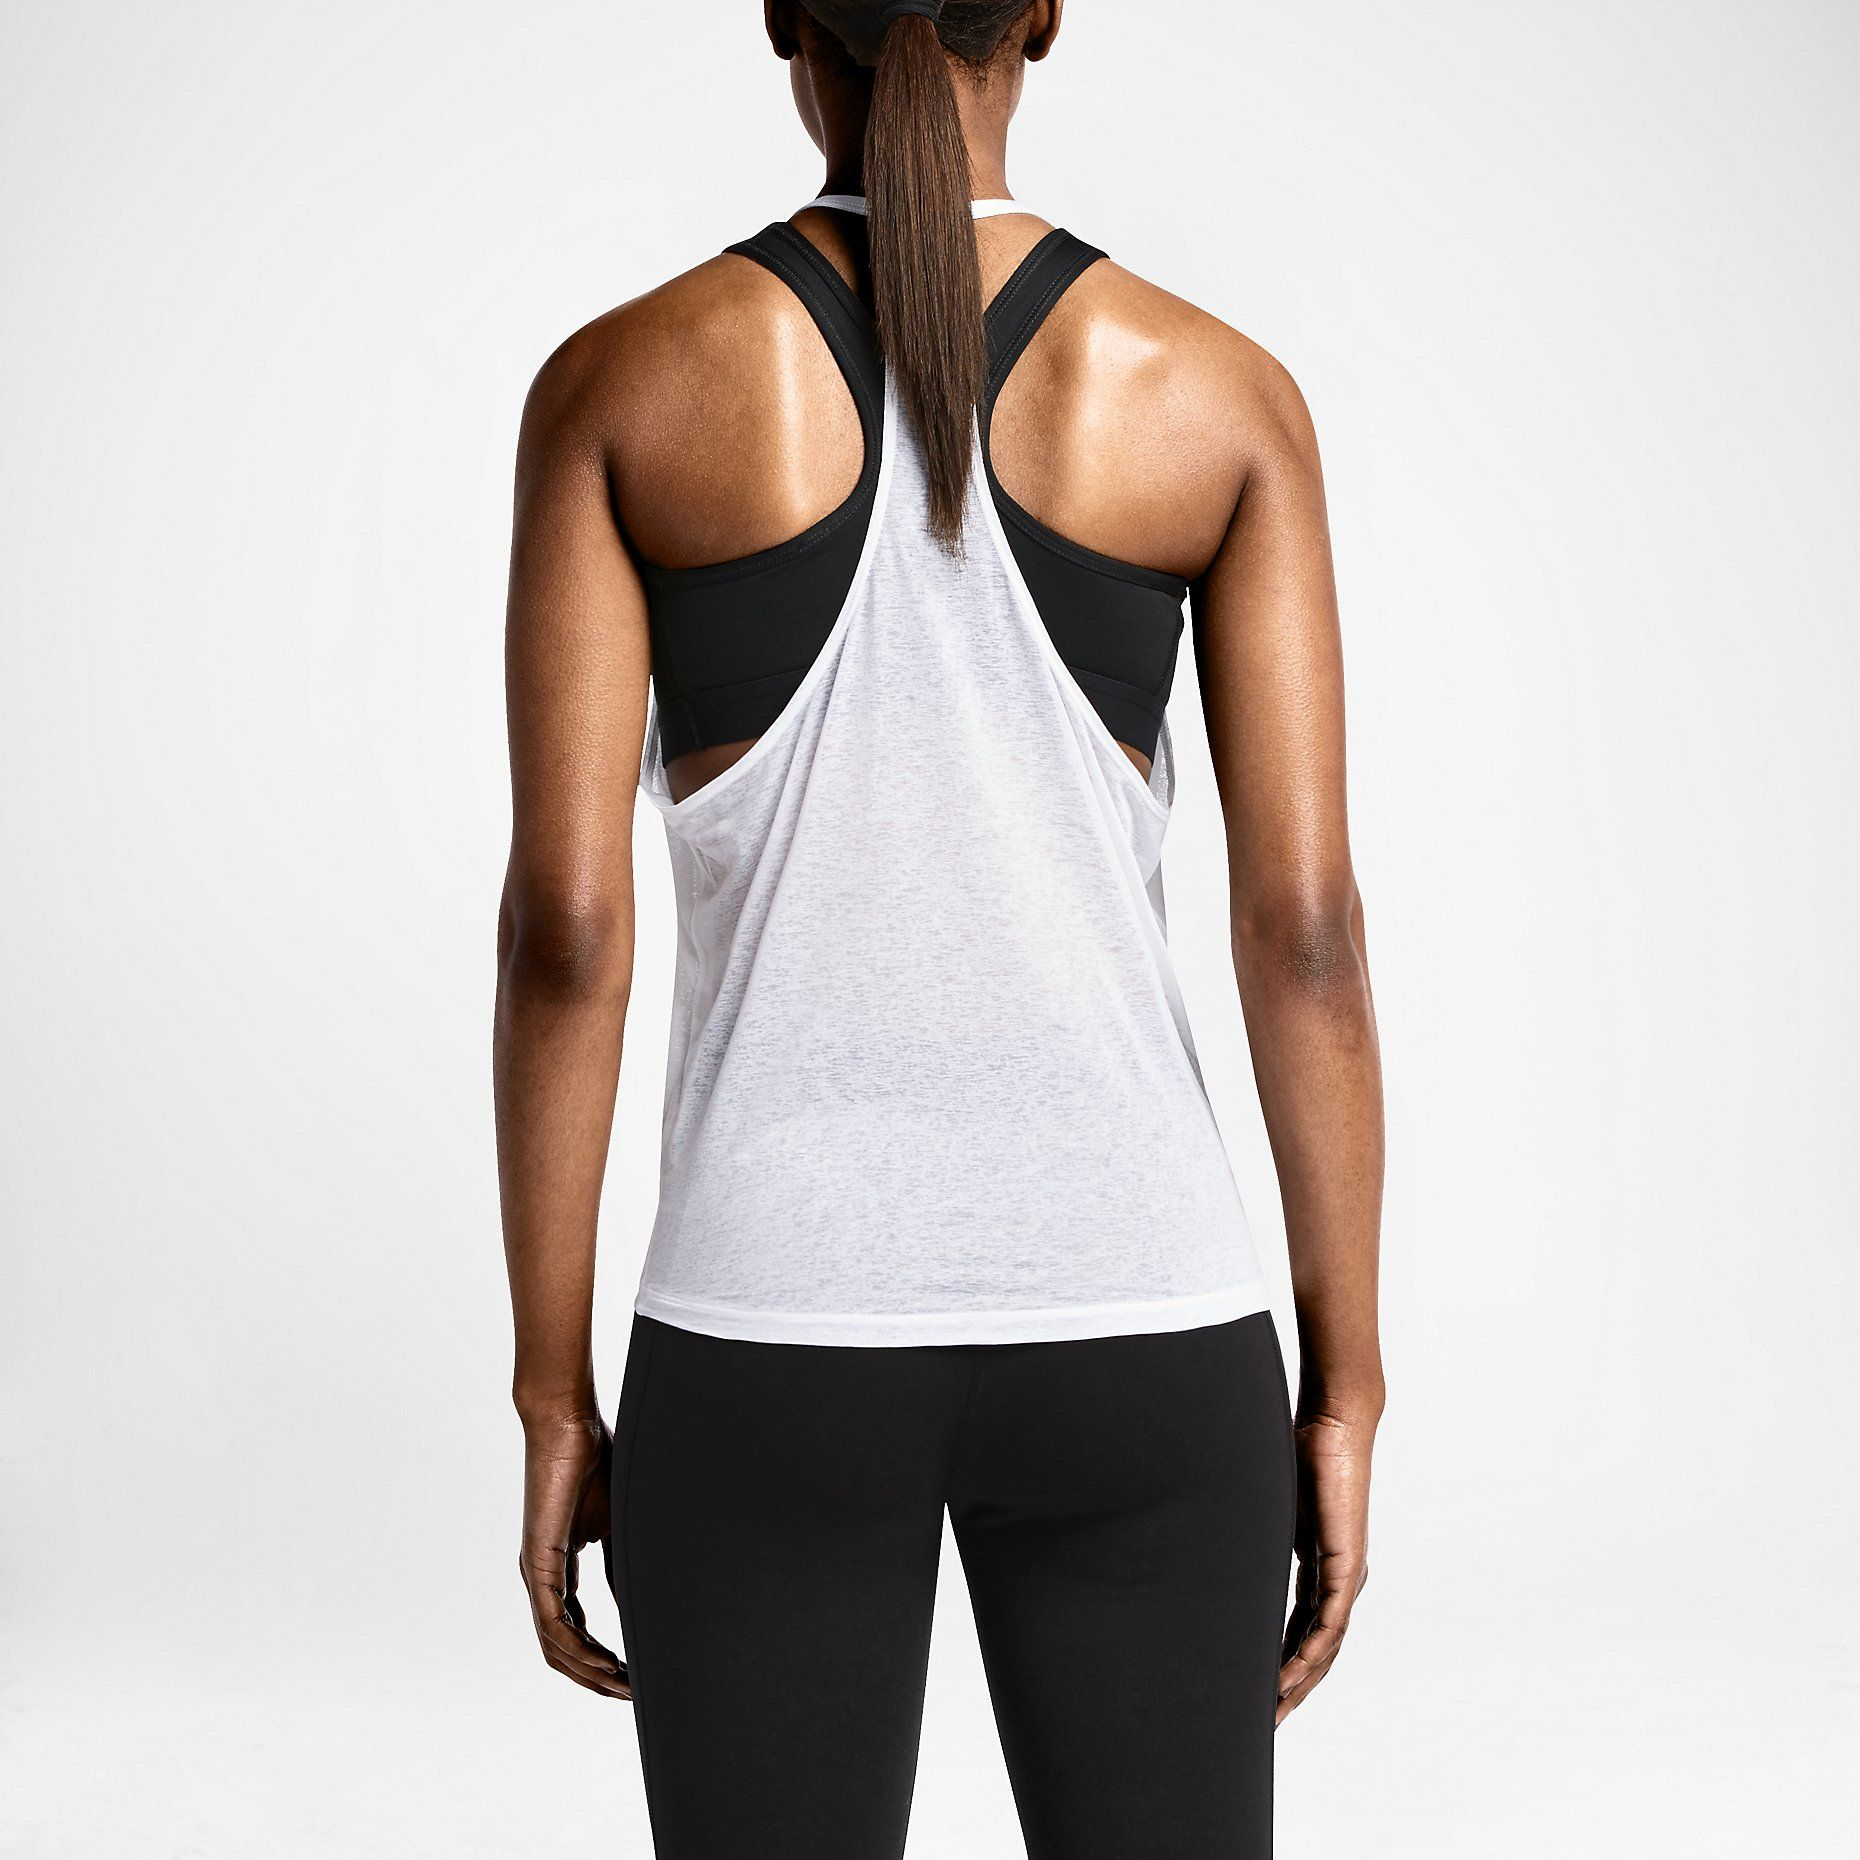 Nike Burnout Fly Camiseta de tirantes de entrenamiento - Mujer. Nike Store ES